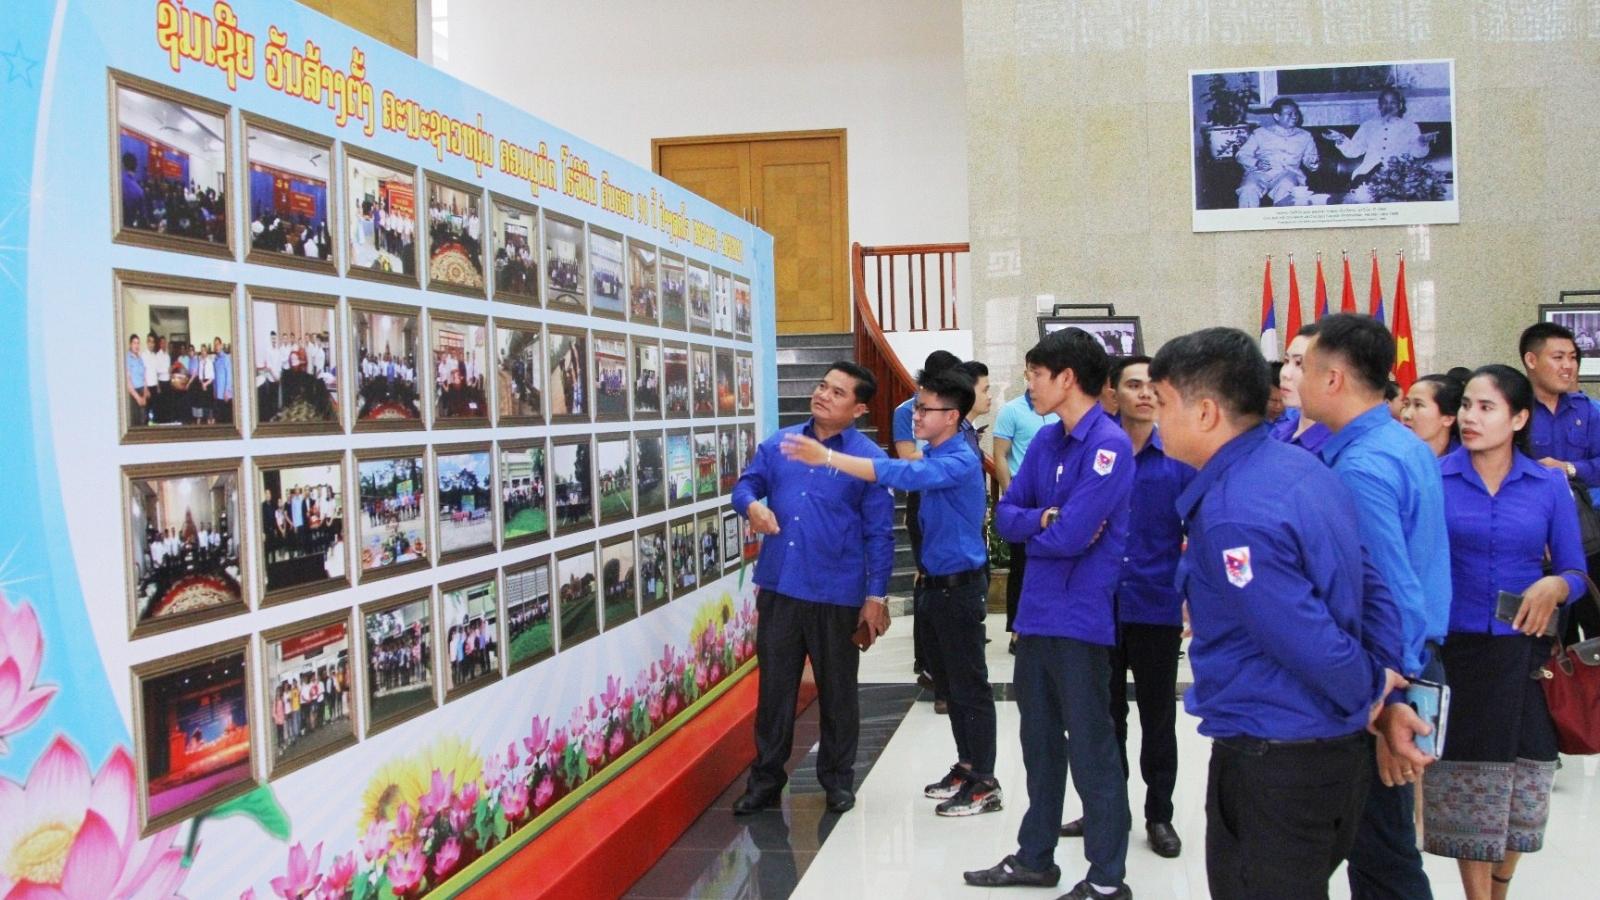 Sôi nổi các hoạt động kỷ niệm 90 năm thành lập Đoàn TNCS Hồ Chí Minh tại Lào